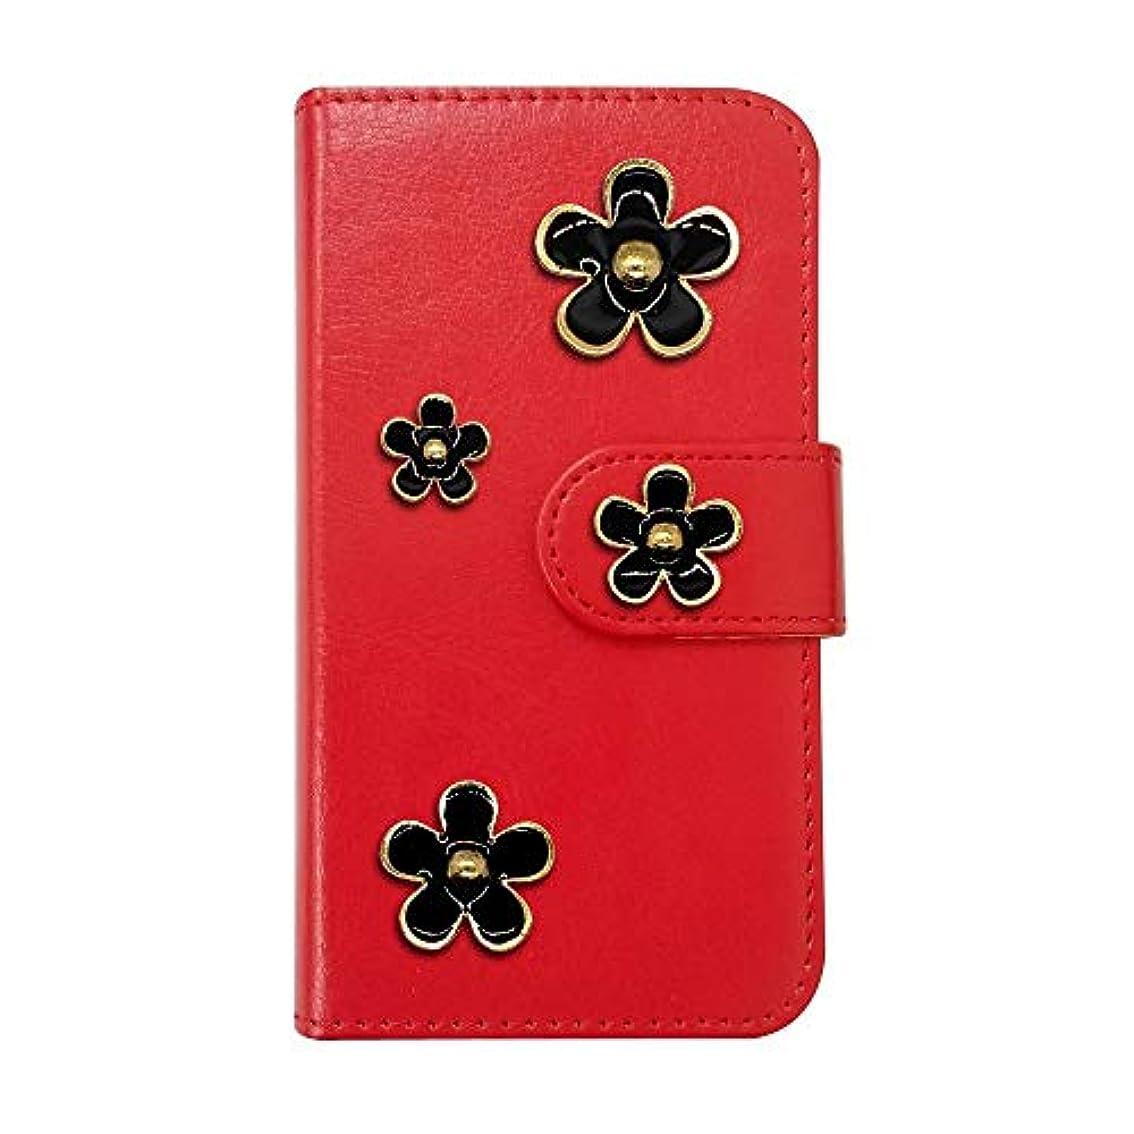 クローゼットデンマーク嘆願sslink ZenFone5Q ZC600KL ASUS 手帳型 スマホ ケース デイジー/黒 花柄 デコ おしゃれ かわいい (カバー色レッド) ダイアリータイプ 横開き カード収納 フリップ カバー スマートフォン